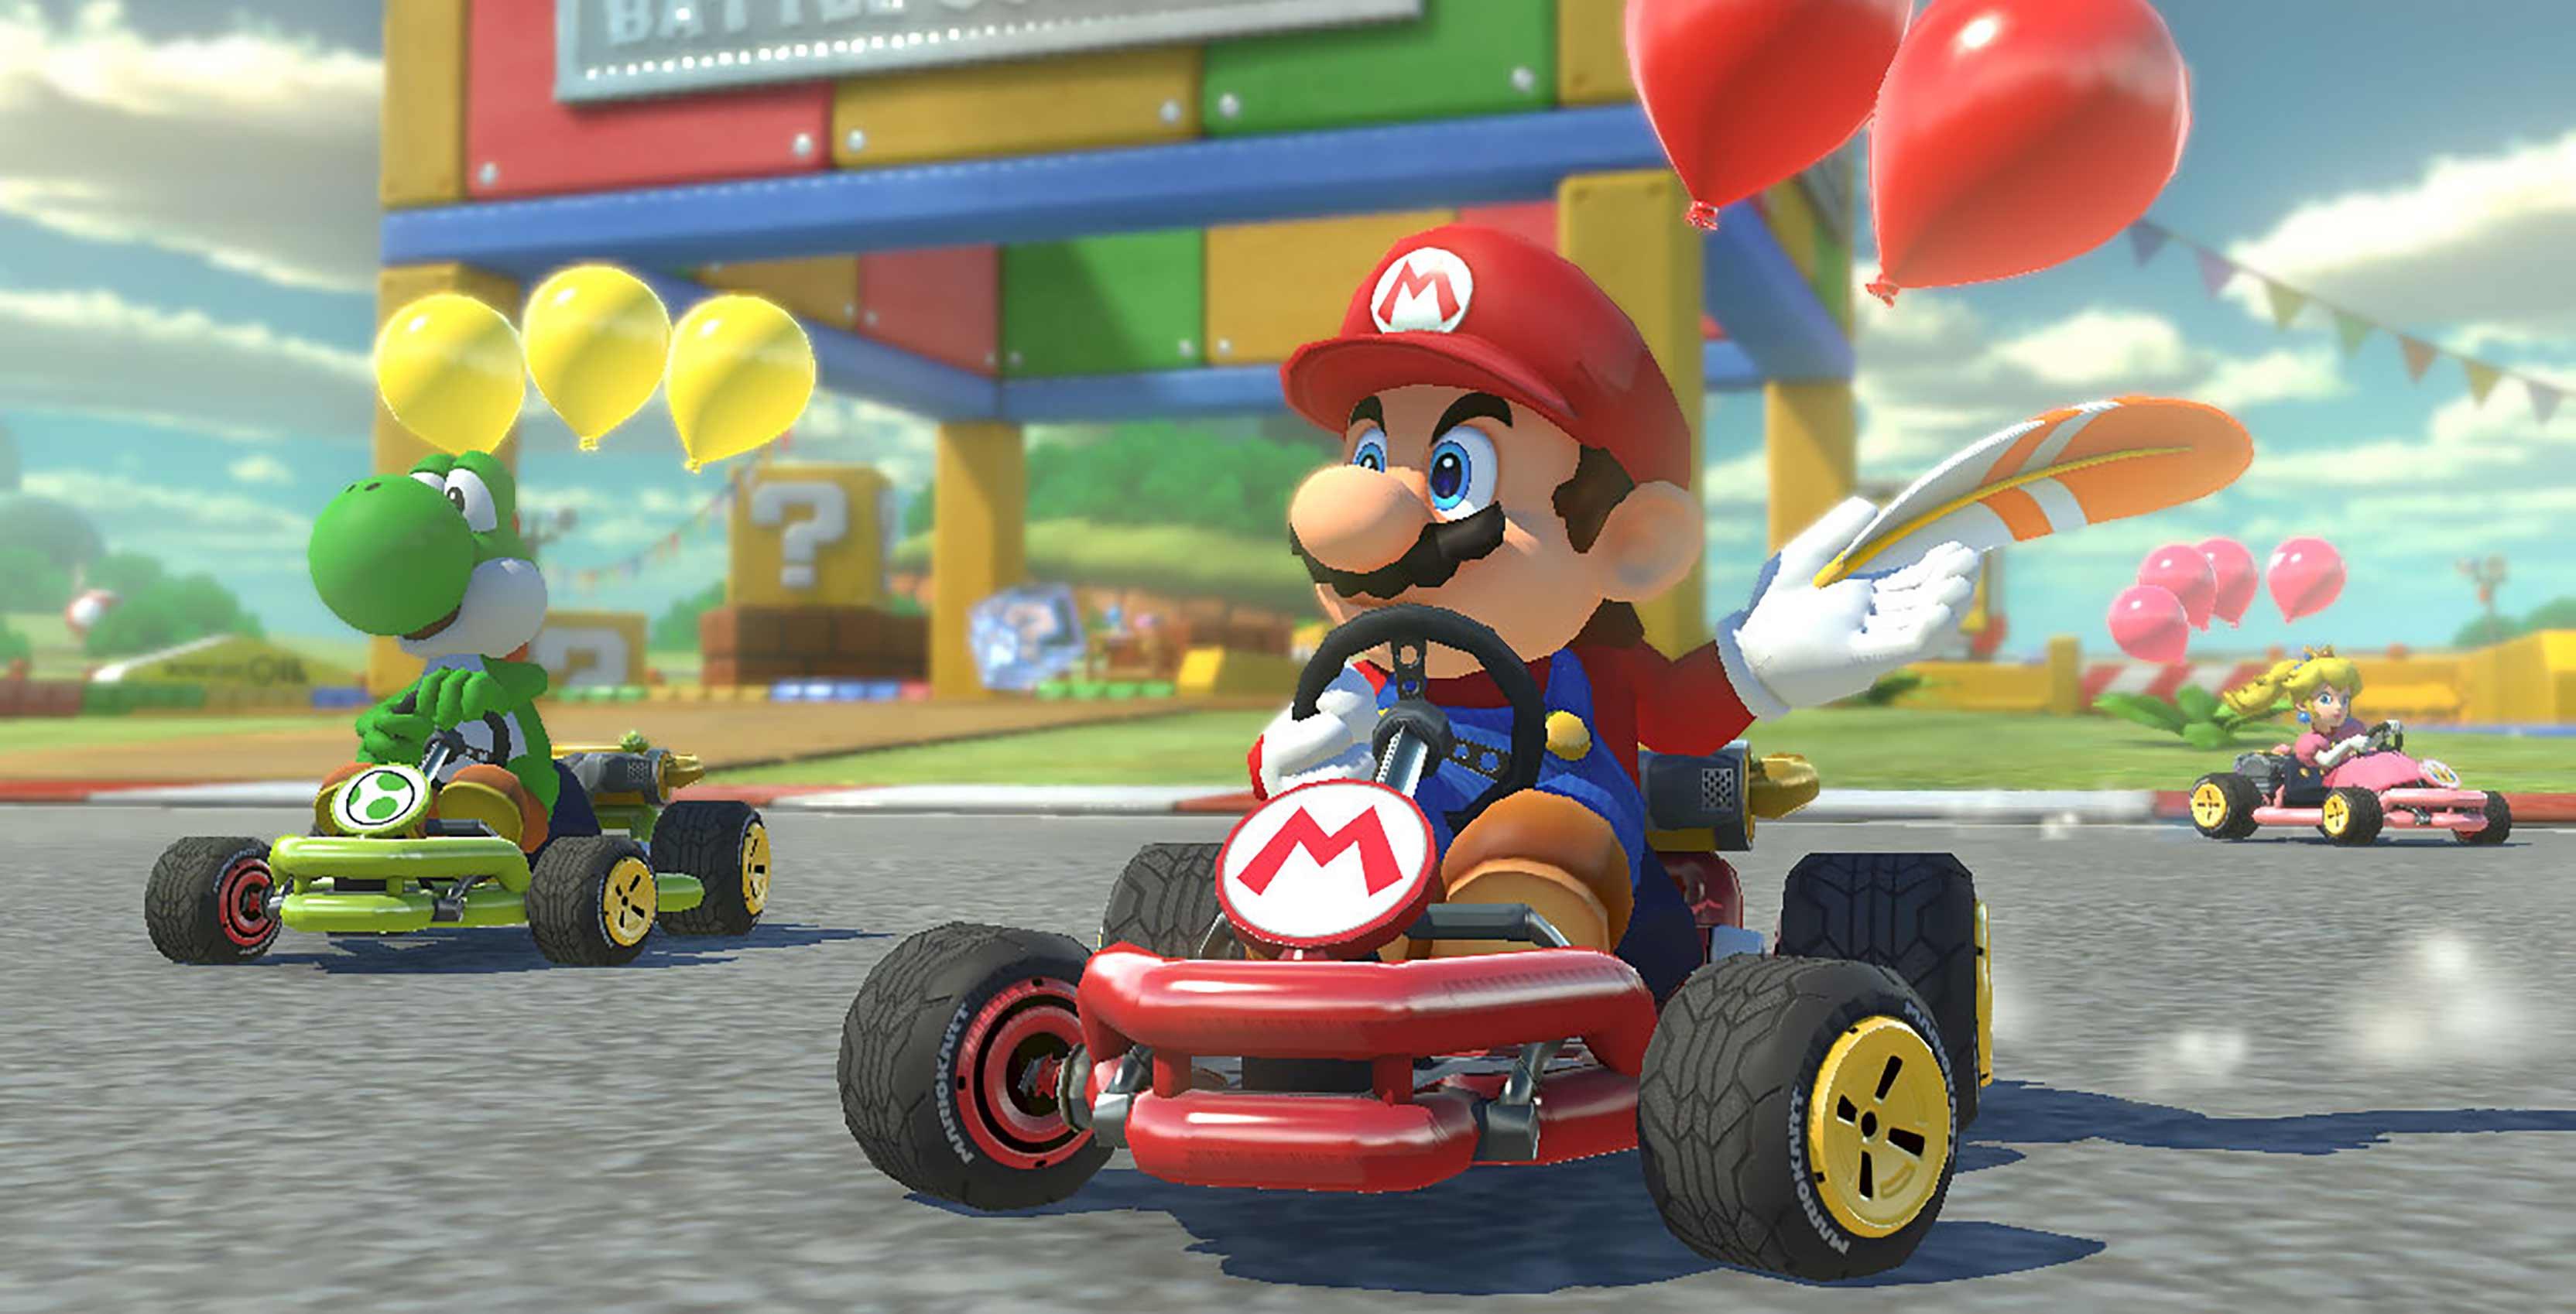 Filtran primeras imágenes y gameplay de Mario Kart Tour